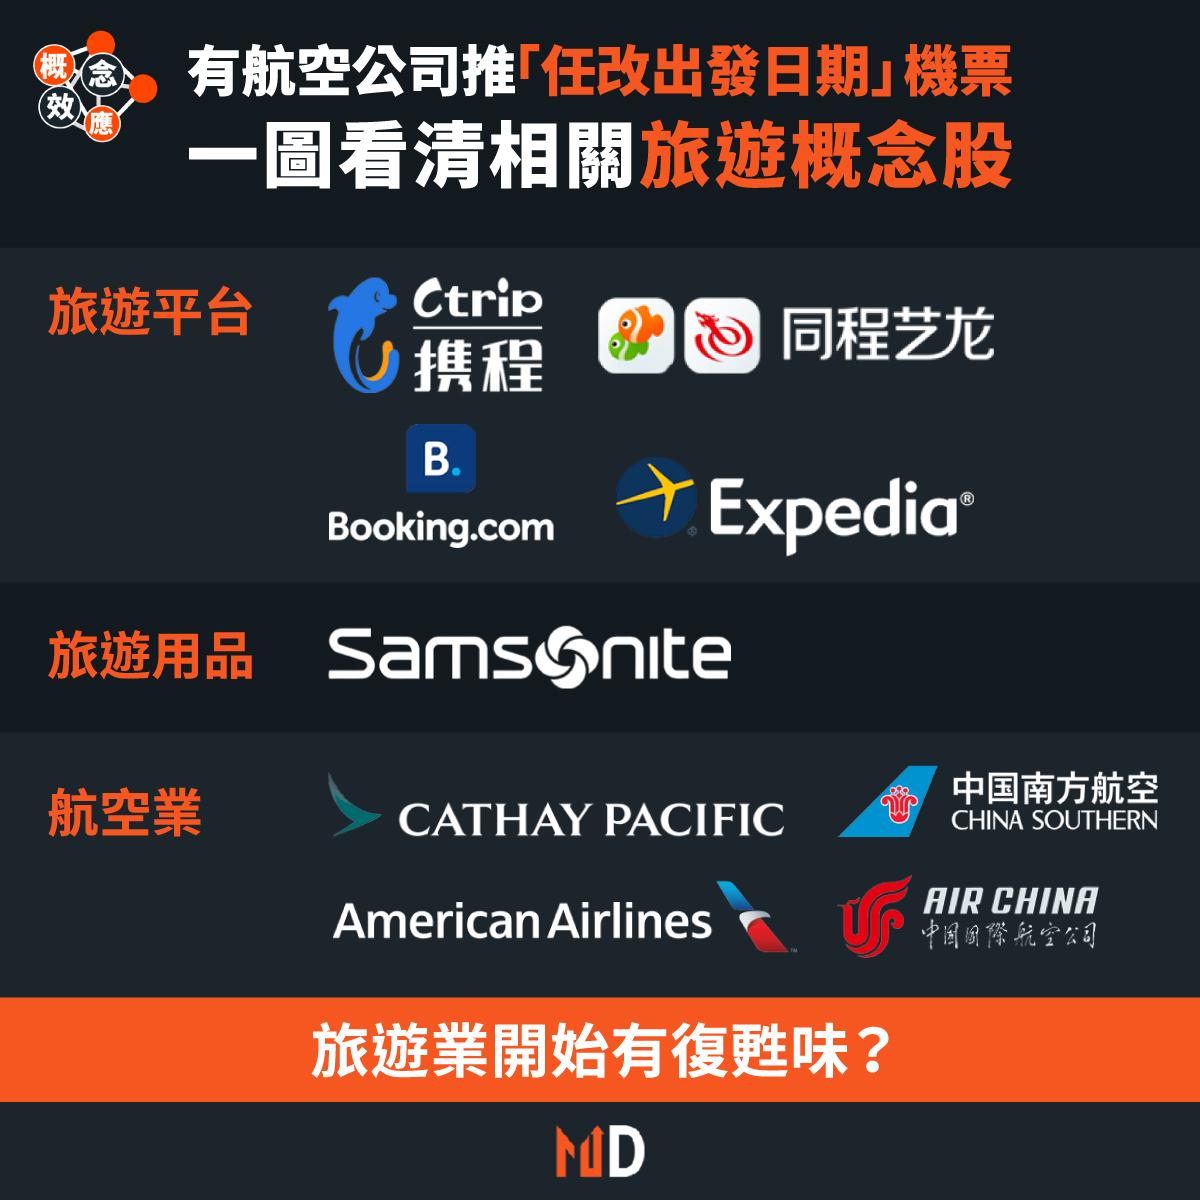 【概念效應】有航空公司推「無限次免費更改出發日期」機票,旅遊業有復甦味?有什麼旅遊概念股受惠?